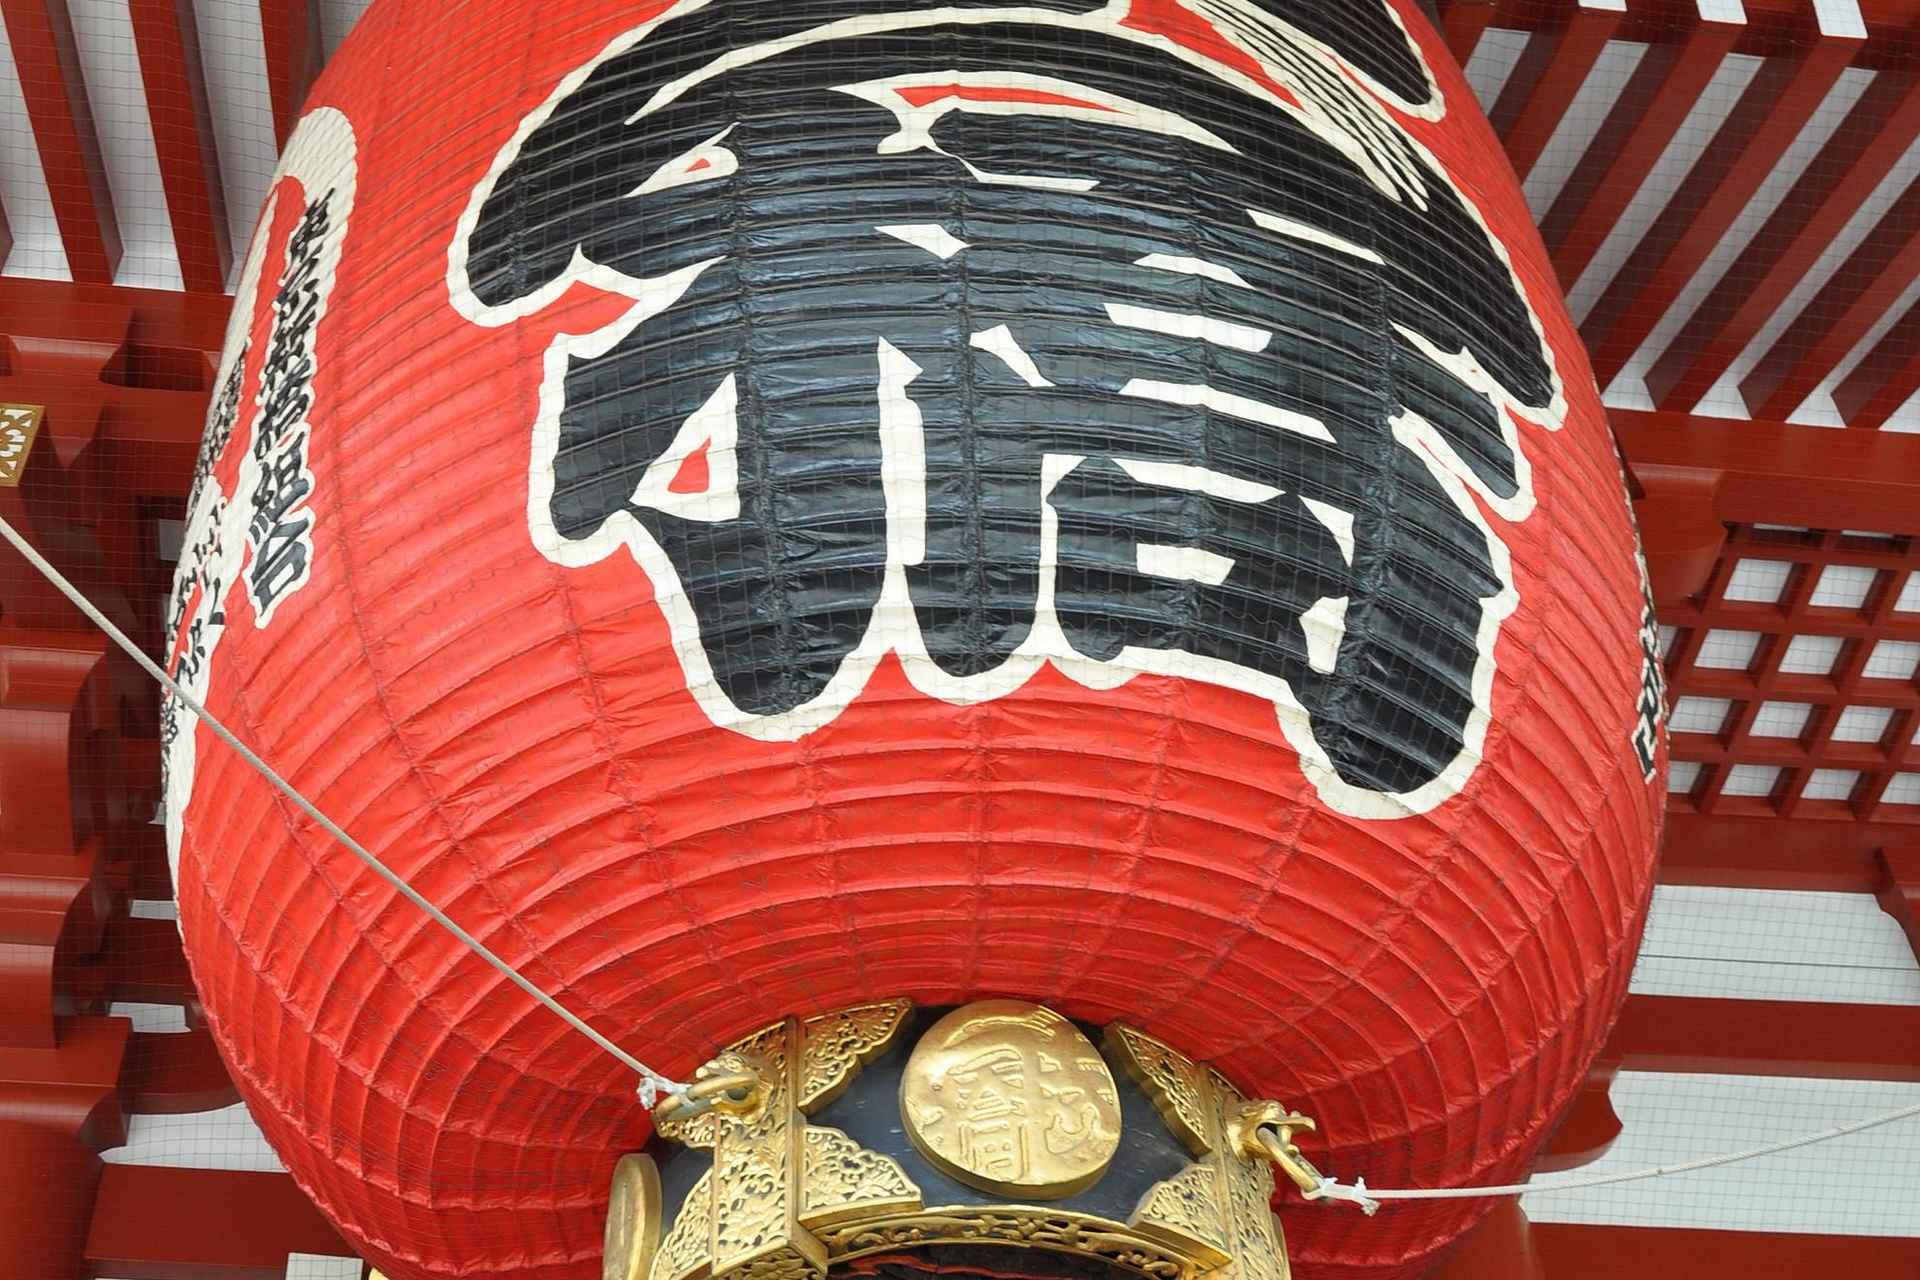 Senso-Ji temppeli on täynnä mielenkiintoisia yksityiskohtia tutkittavaksi.